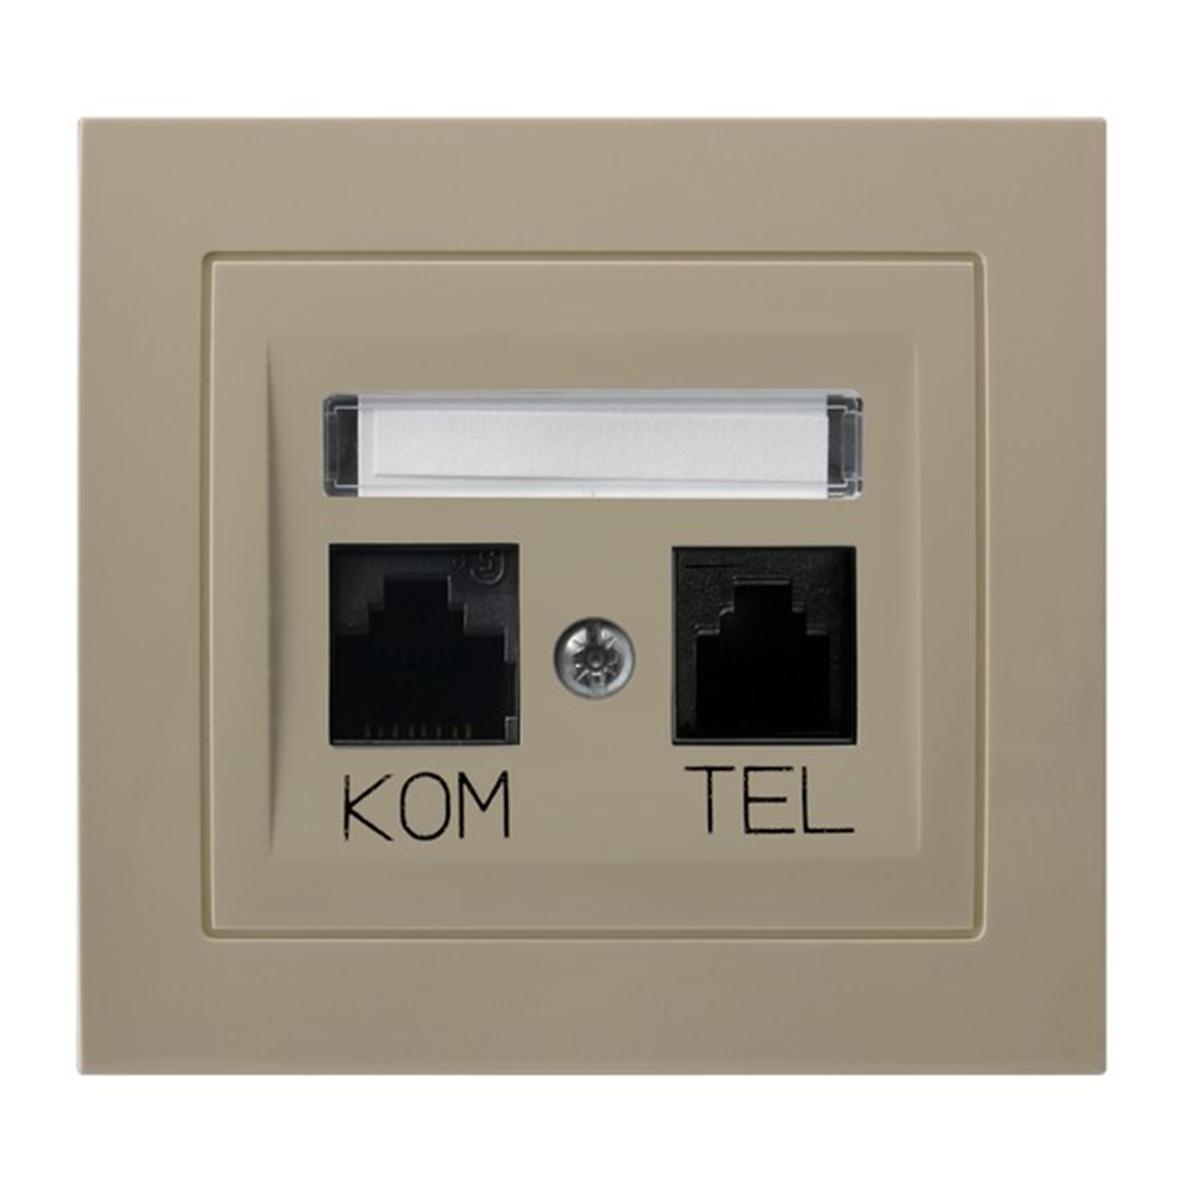 Kier Gniazdo Komputerowo Telefoniczne Rj 45 Beżowy Sklep Elektryczny El12